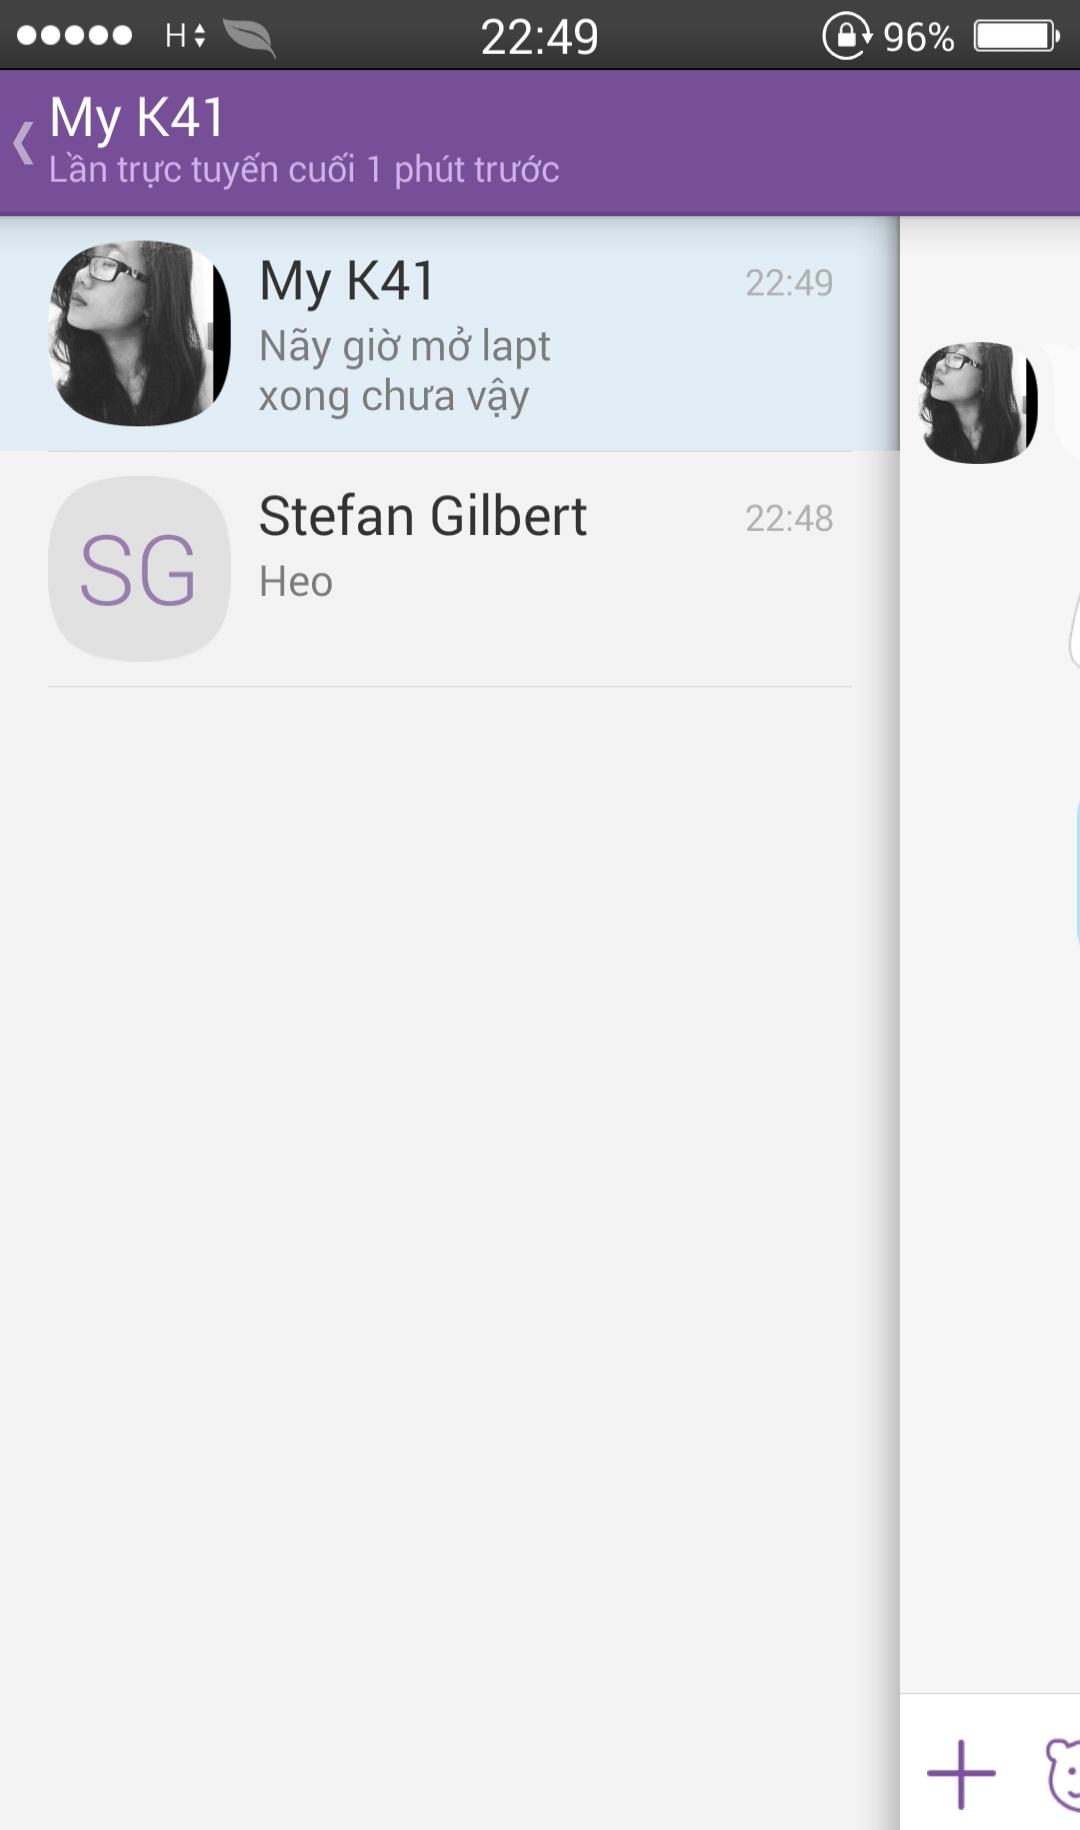 Chuyển nhanh các cuộc hội thoại trên Viber